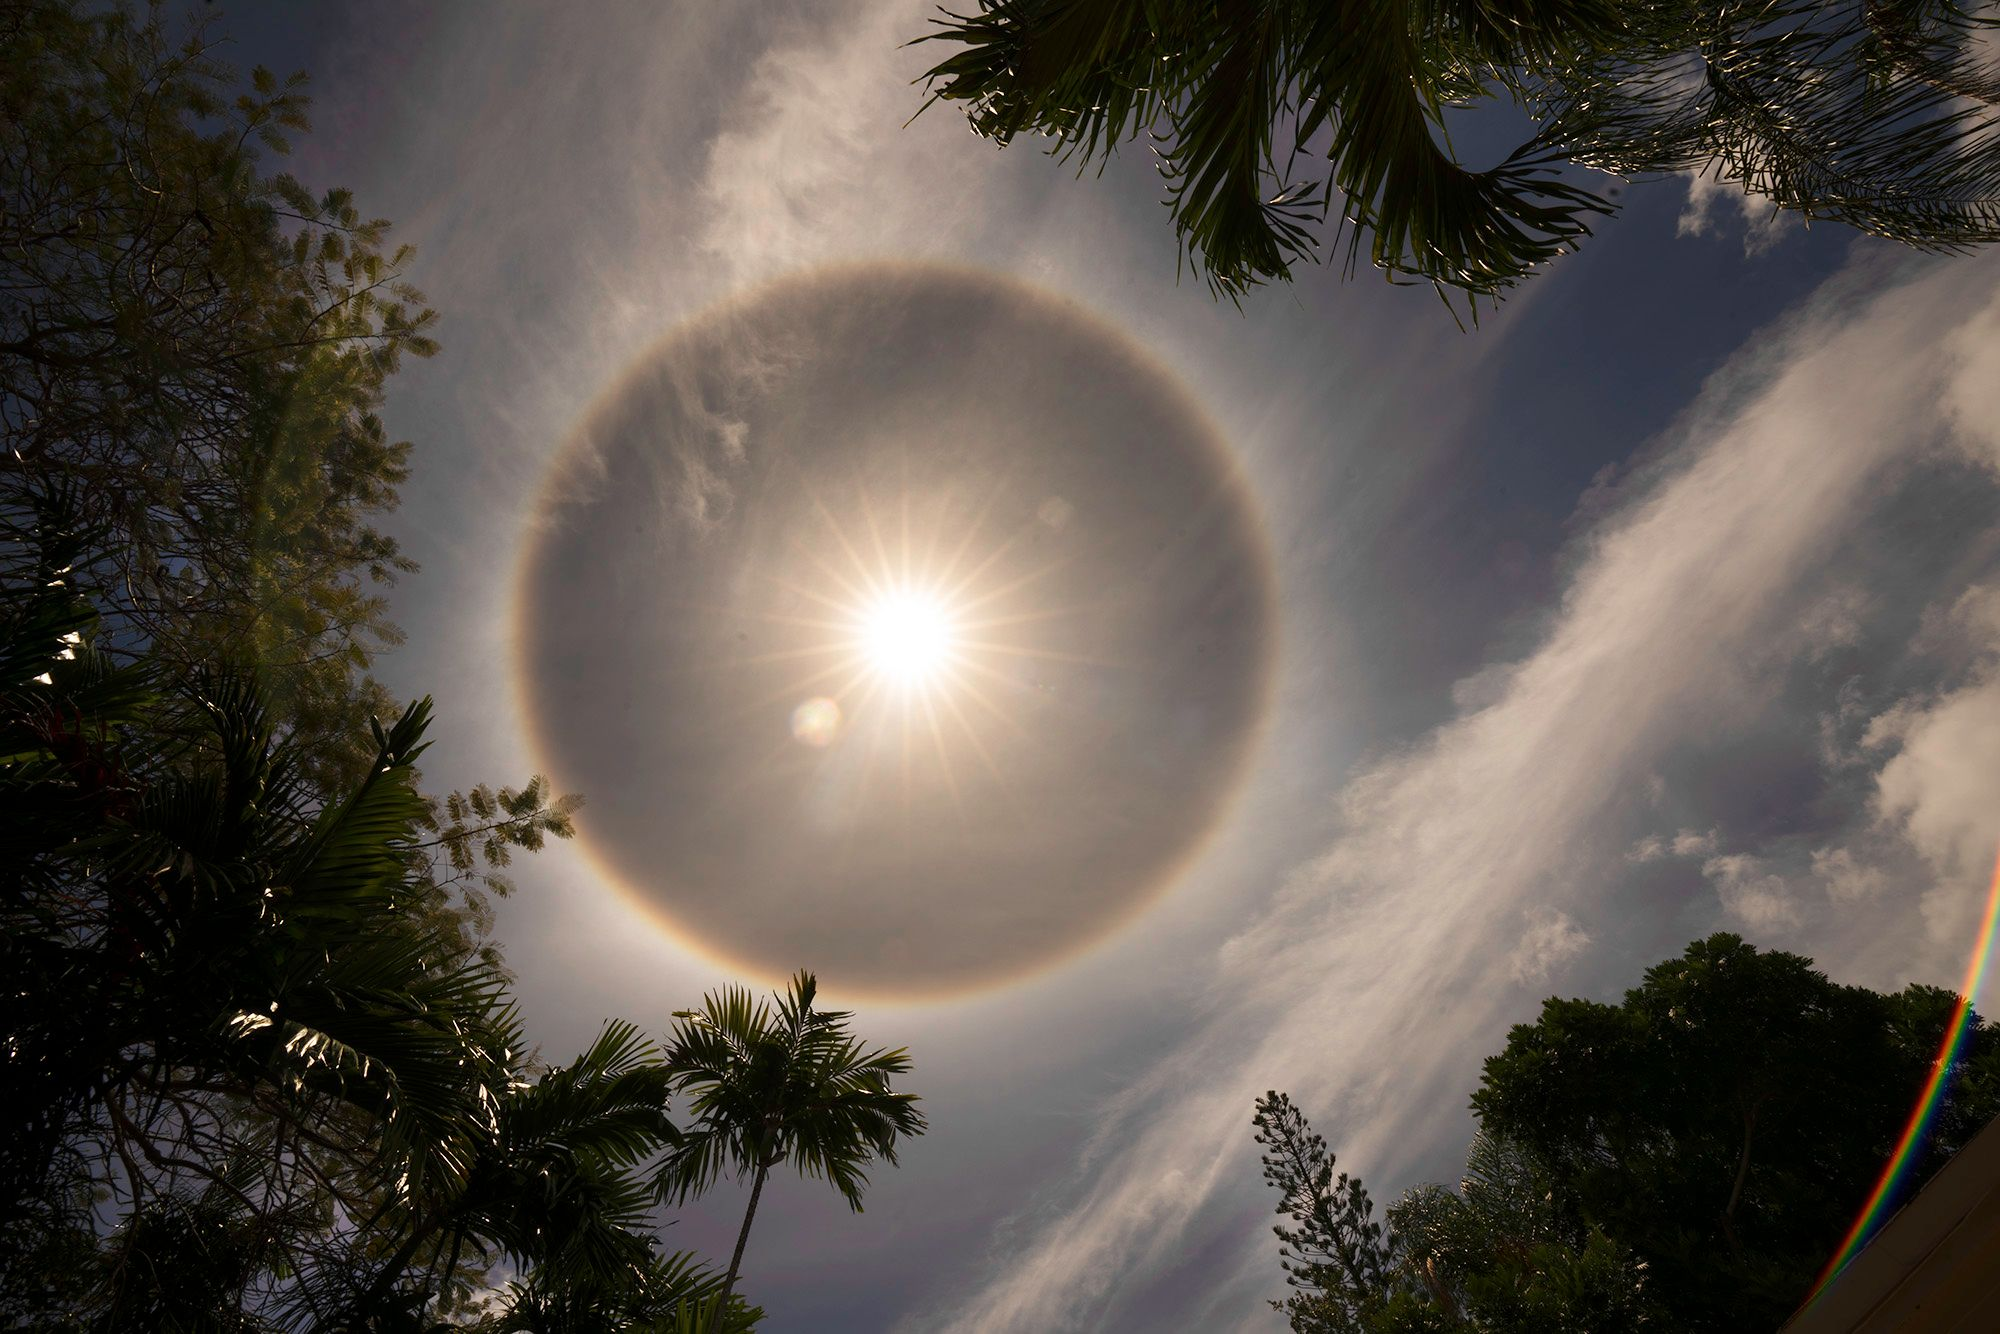 Sun with halo